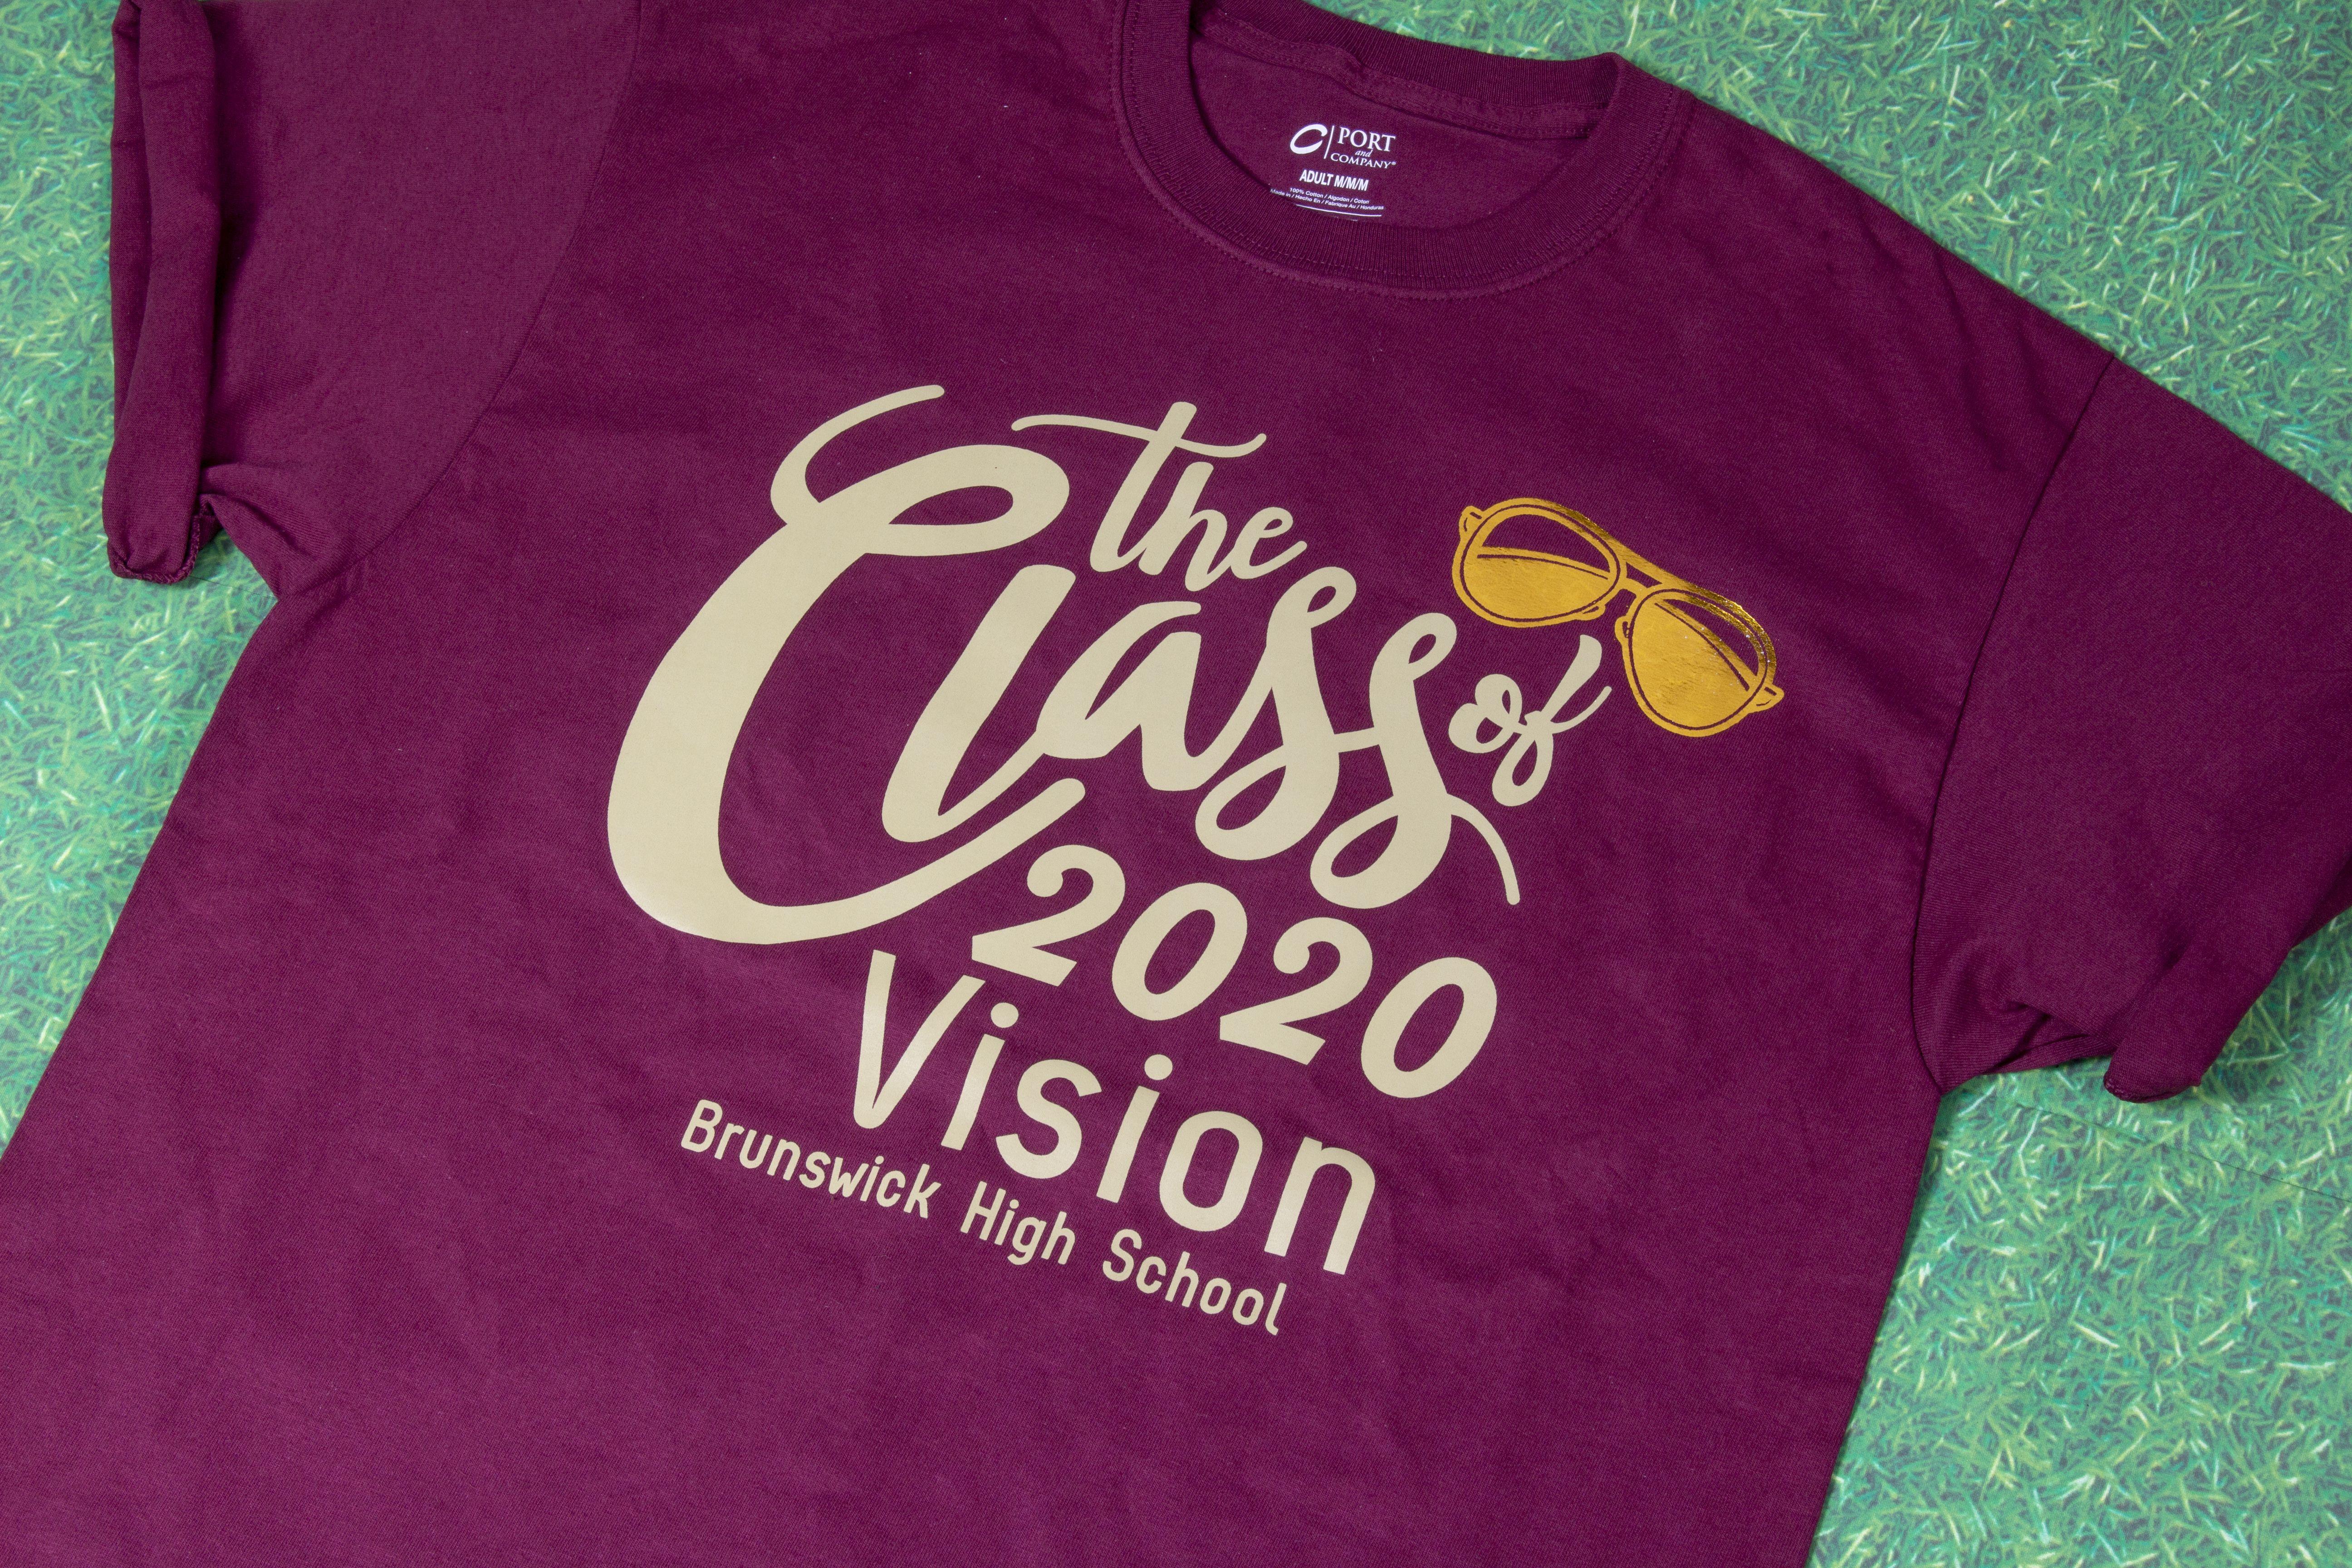 Class Of 2020 T Shirt Idea 2020 Vision T Shirt Transferexpress